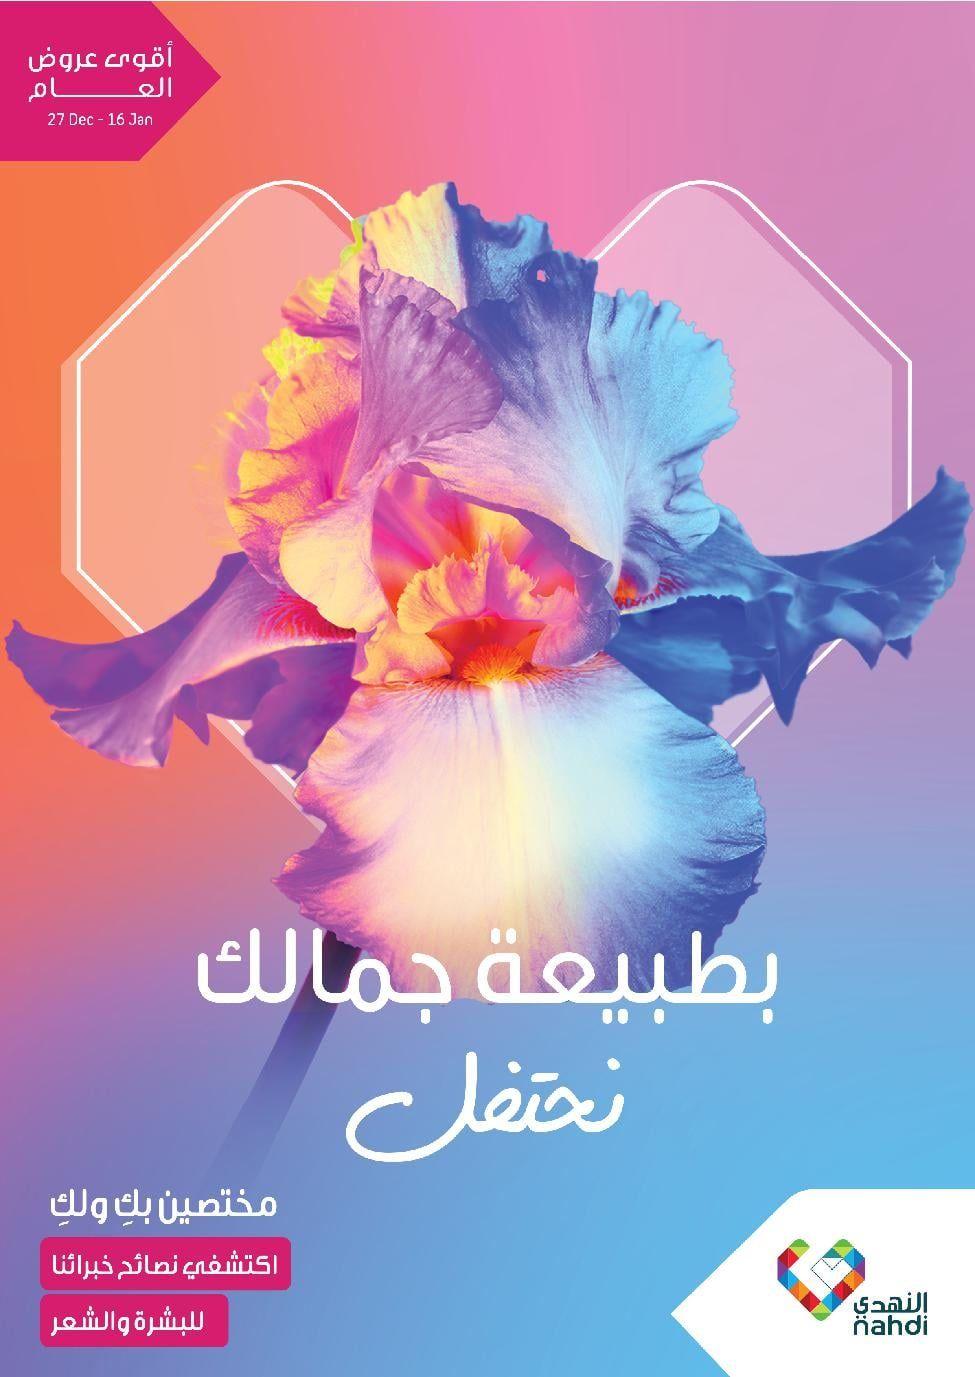 عروض صيدليات النهدي الاسبوعية الاحد 27 ديسمبر 2020 بطبيعتك و بجمالك نحتفل عروض اليوم Movie Posters Poster Saudi Arabia